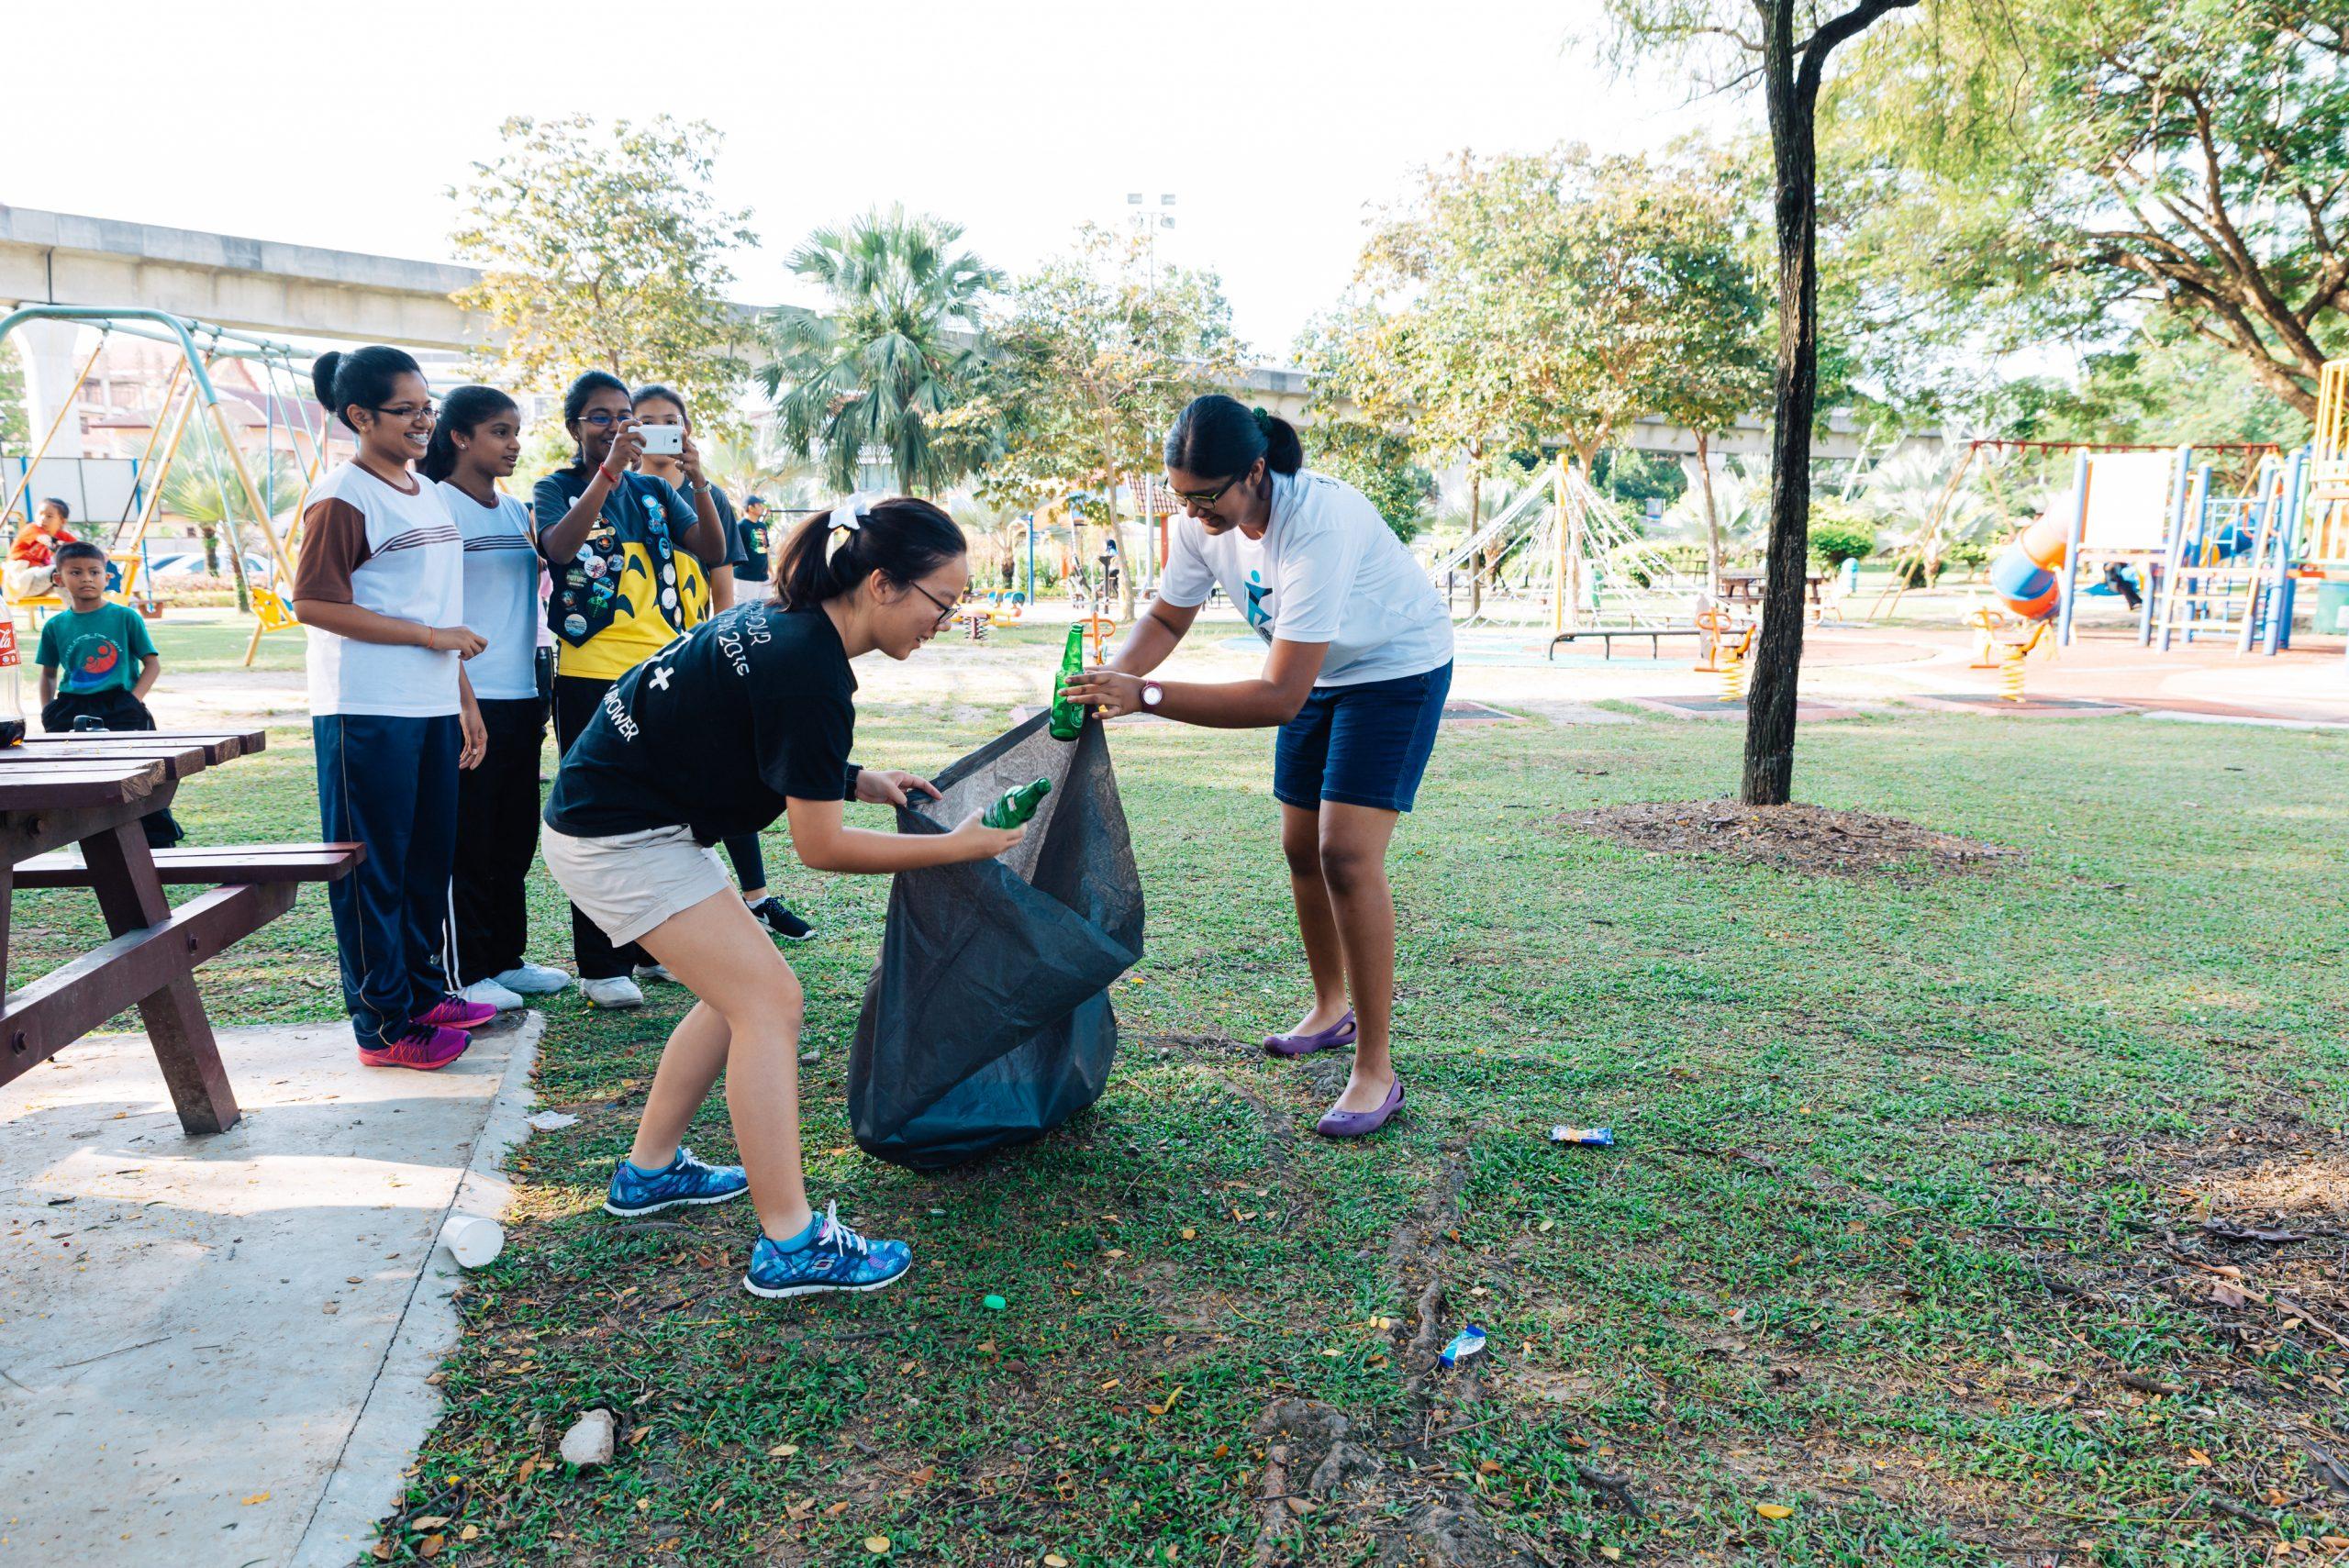 Müllsammeln und Kekse verteilen im Assunta Park